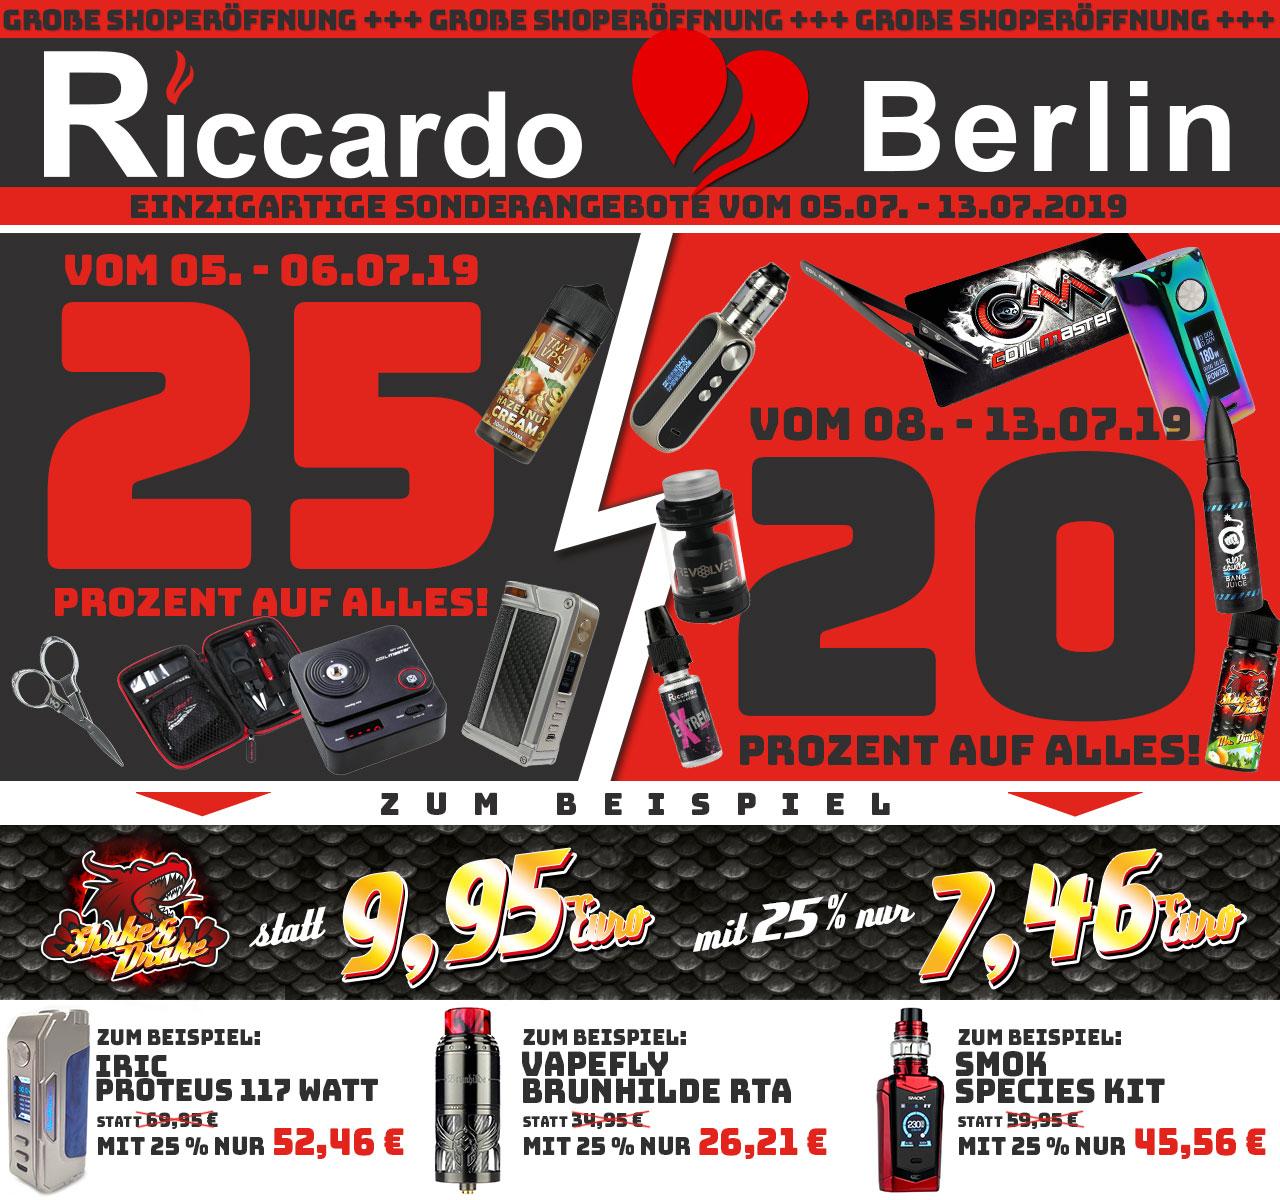 [Riccardo Offline] Berlin: 25% Rabatt auf alles - In allen* anderen Stores: 15% auf alles